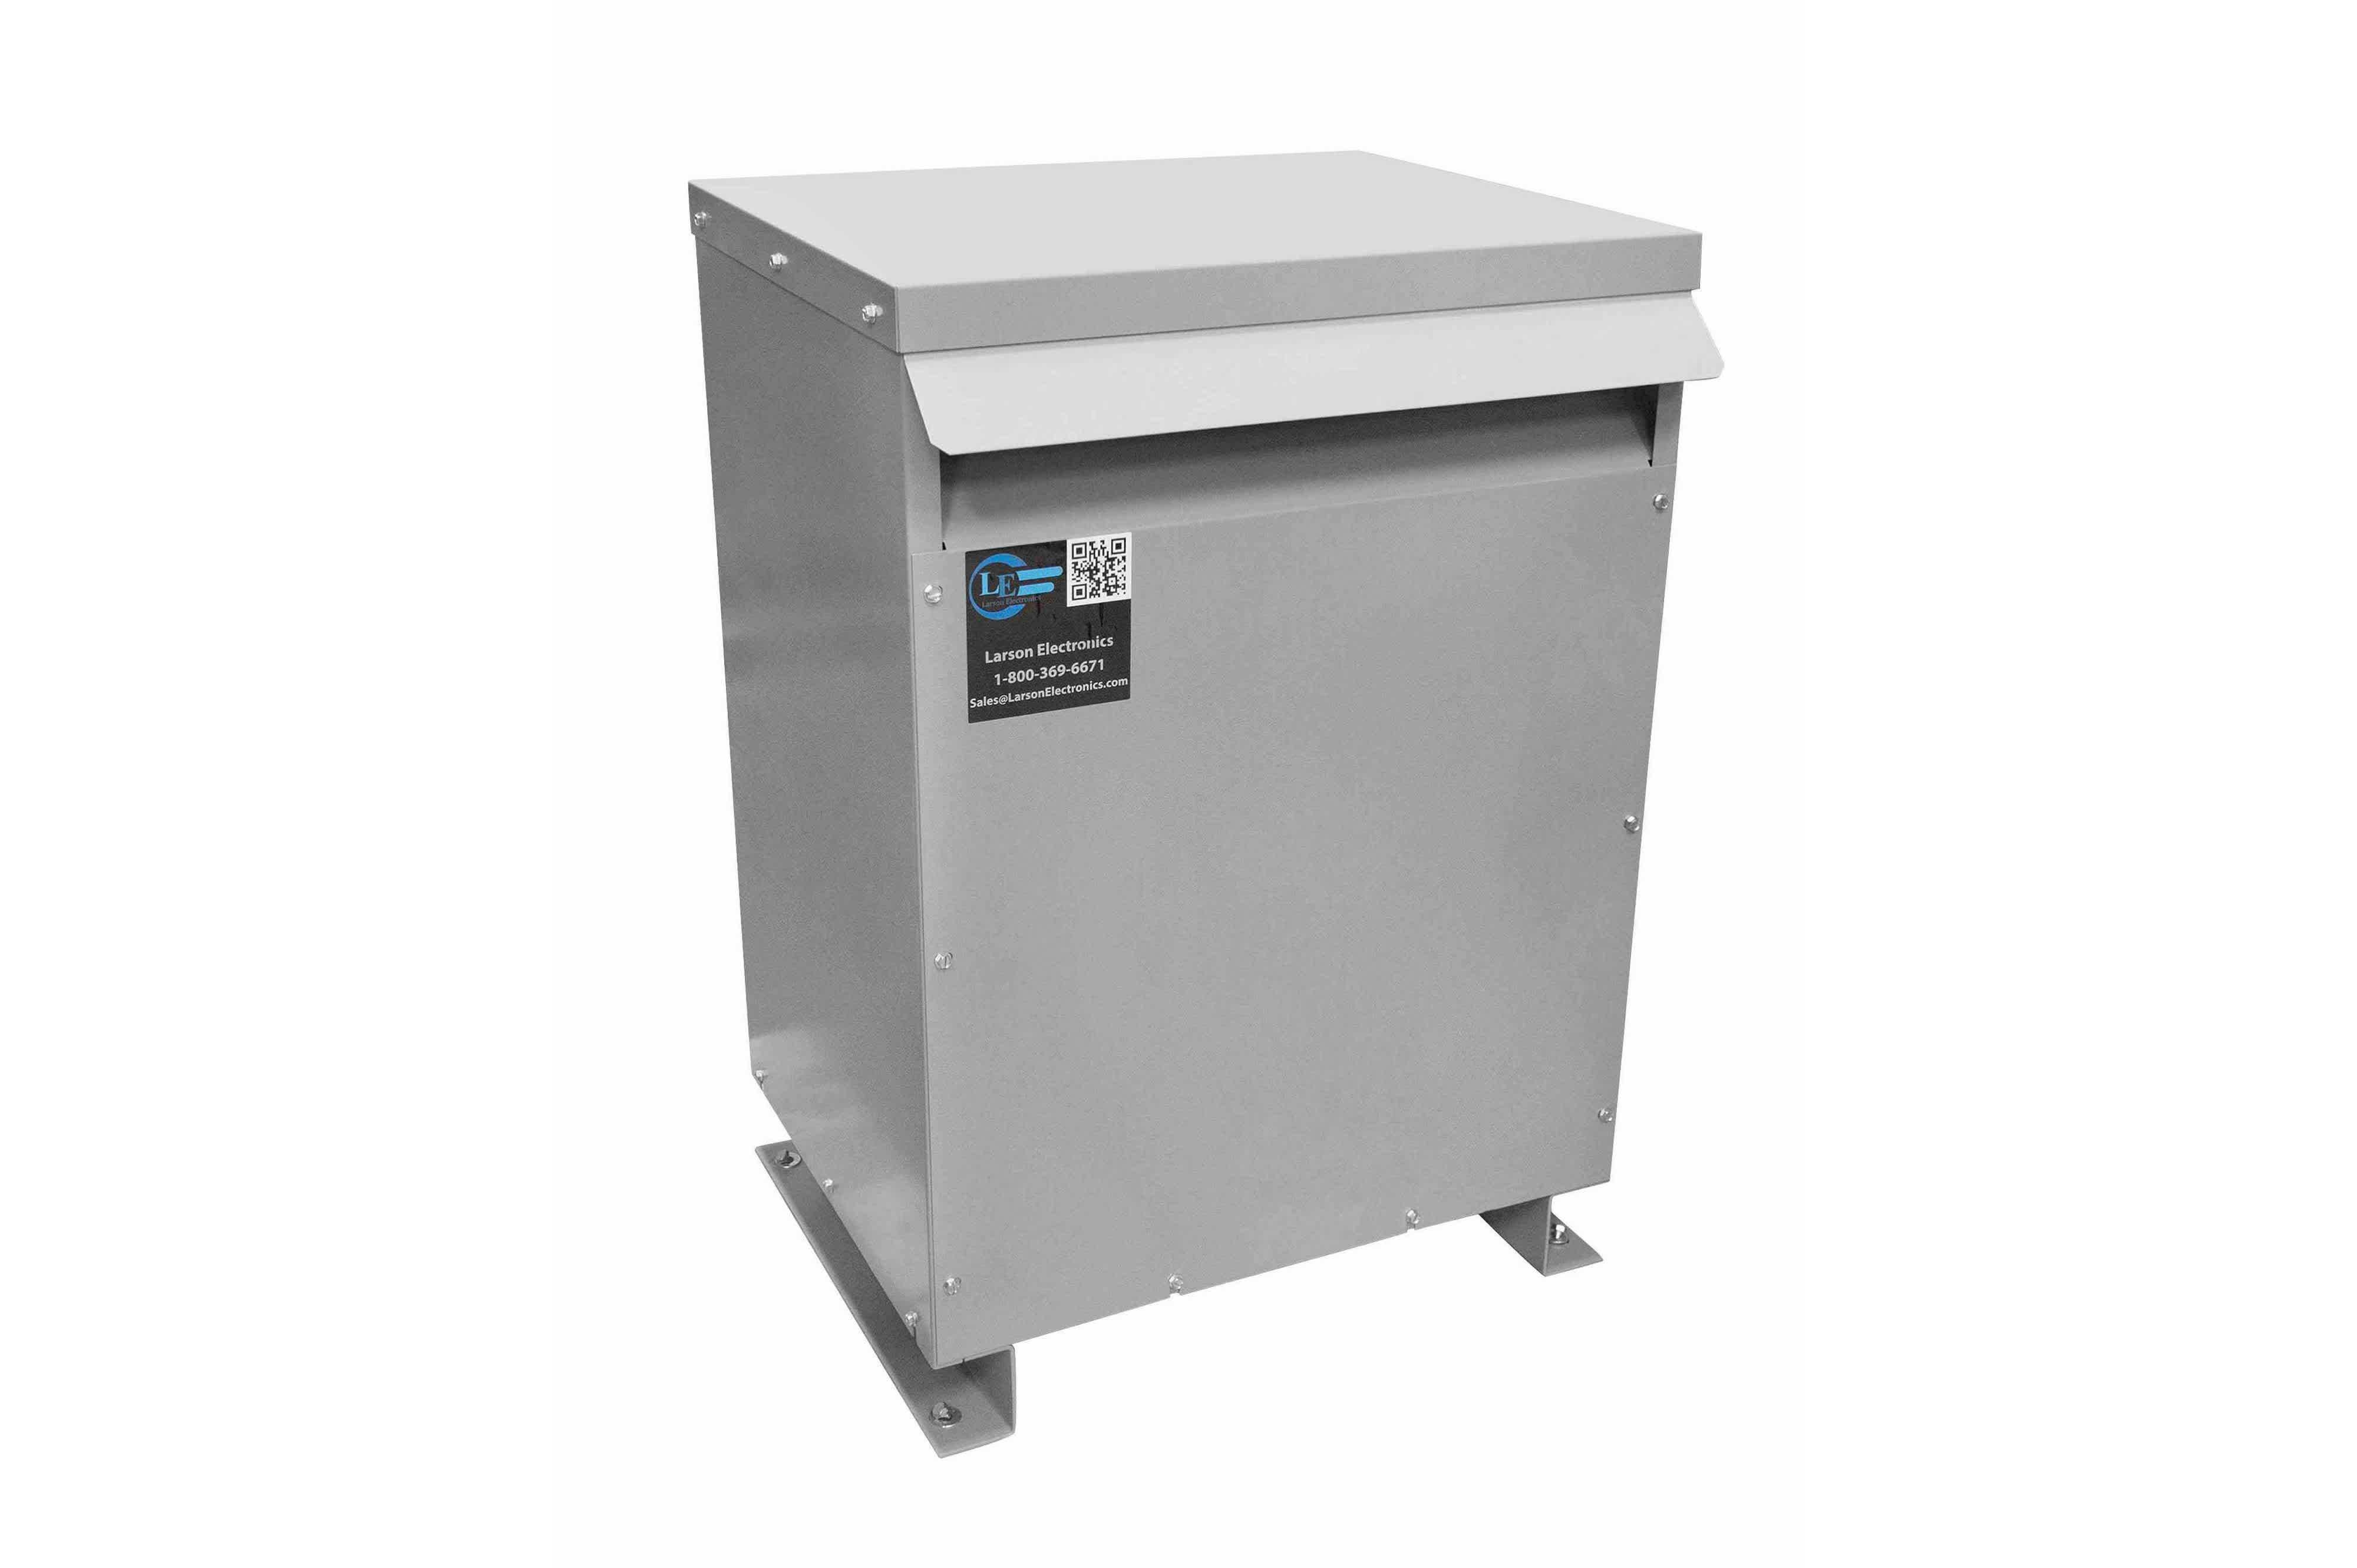 250 kVA 3PH Isolation Transformer, 575V Delta Primary, 208V Delta Secondary, N3R, Ventilated, 60 Hz